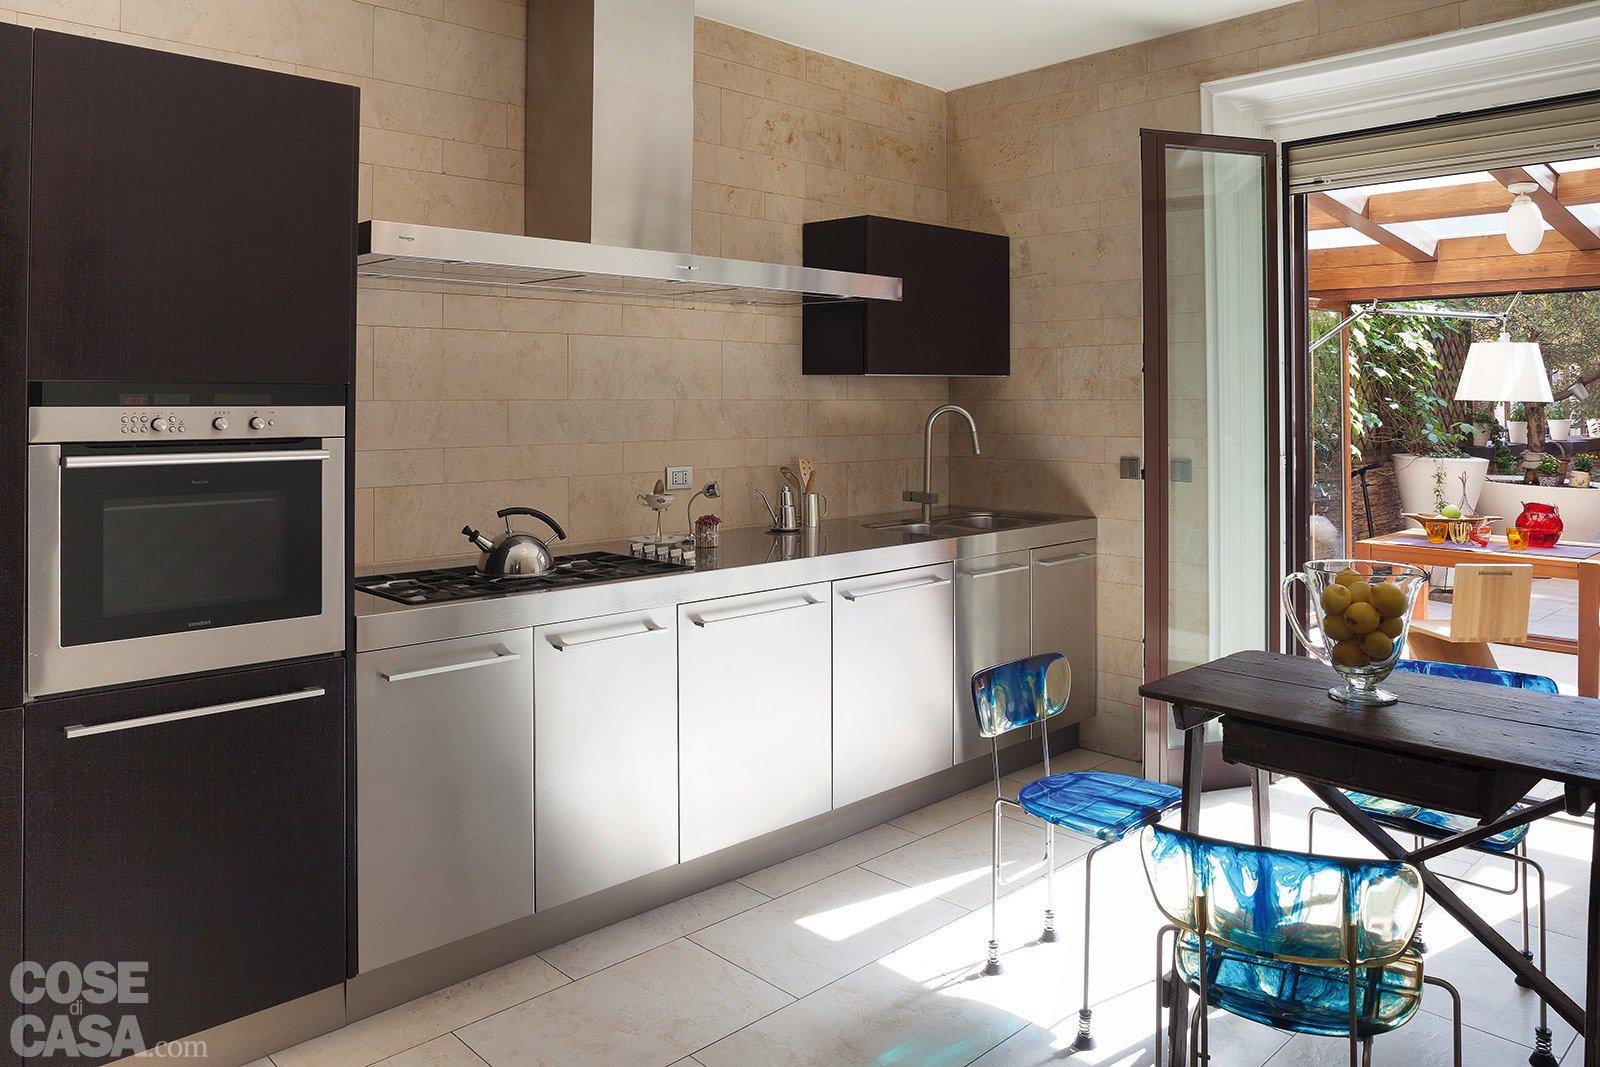 Via Il Corridoio Spazi Più Ampi Cose Di Casa #184471 1600 1067 Foto Di Cucine In Pietra